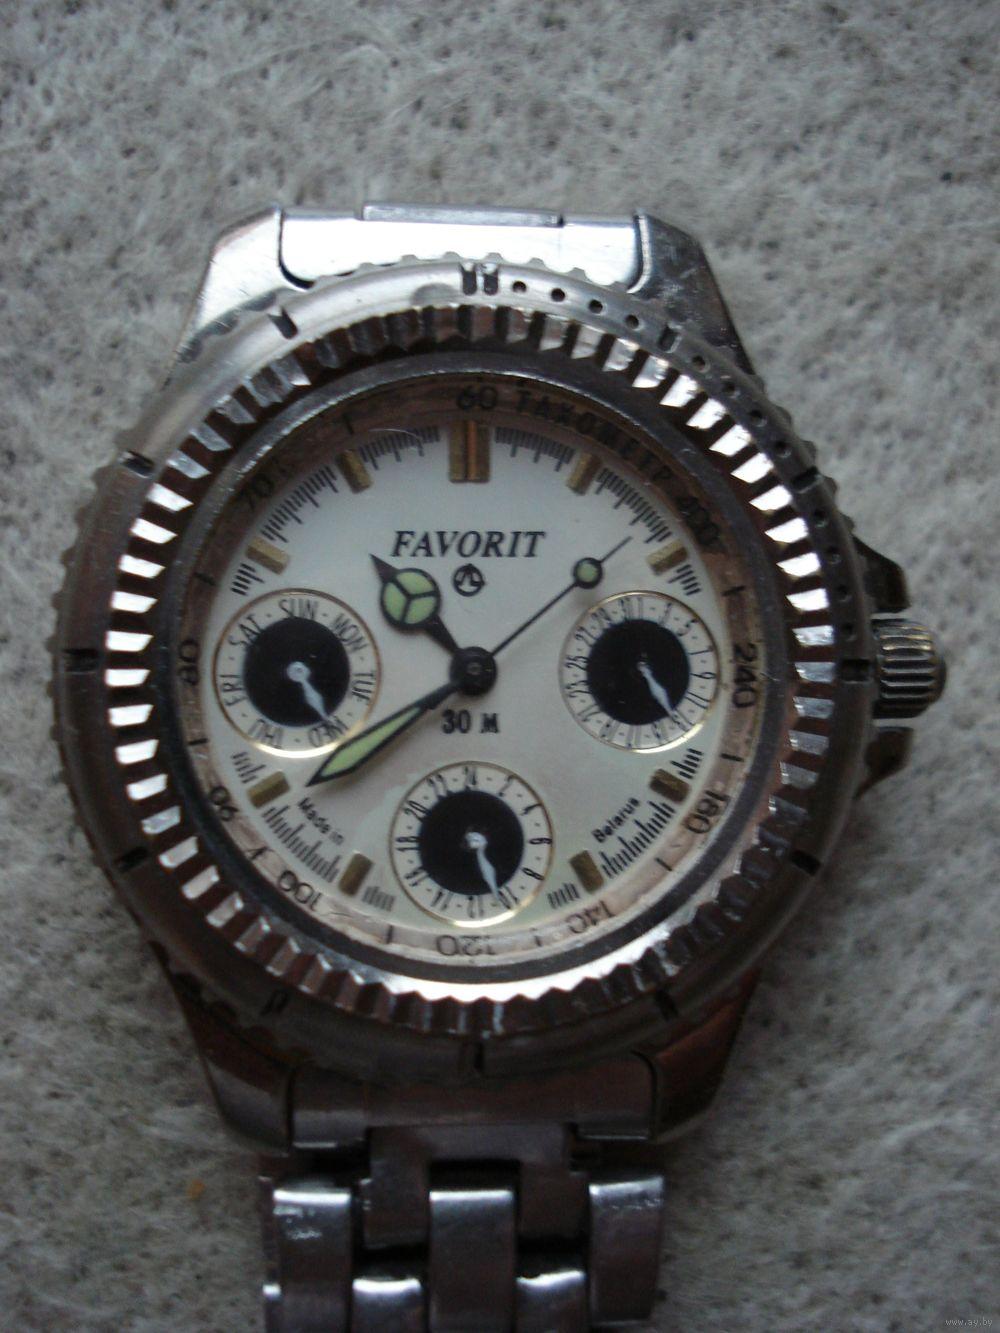 Мужские наручные часы амфибия – классика, проверенная временем, они создавались по заказу министерства обороны ссср специально для военных ныряльщиков и водолазов, вынужденных работать в сложных условиях.